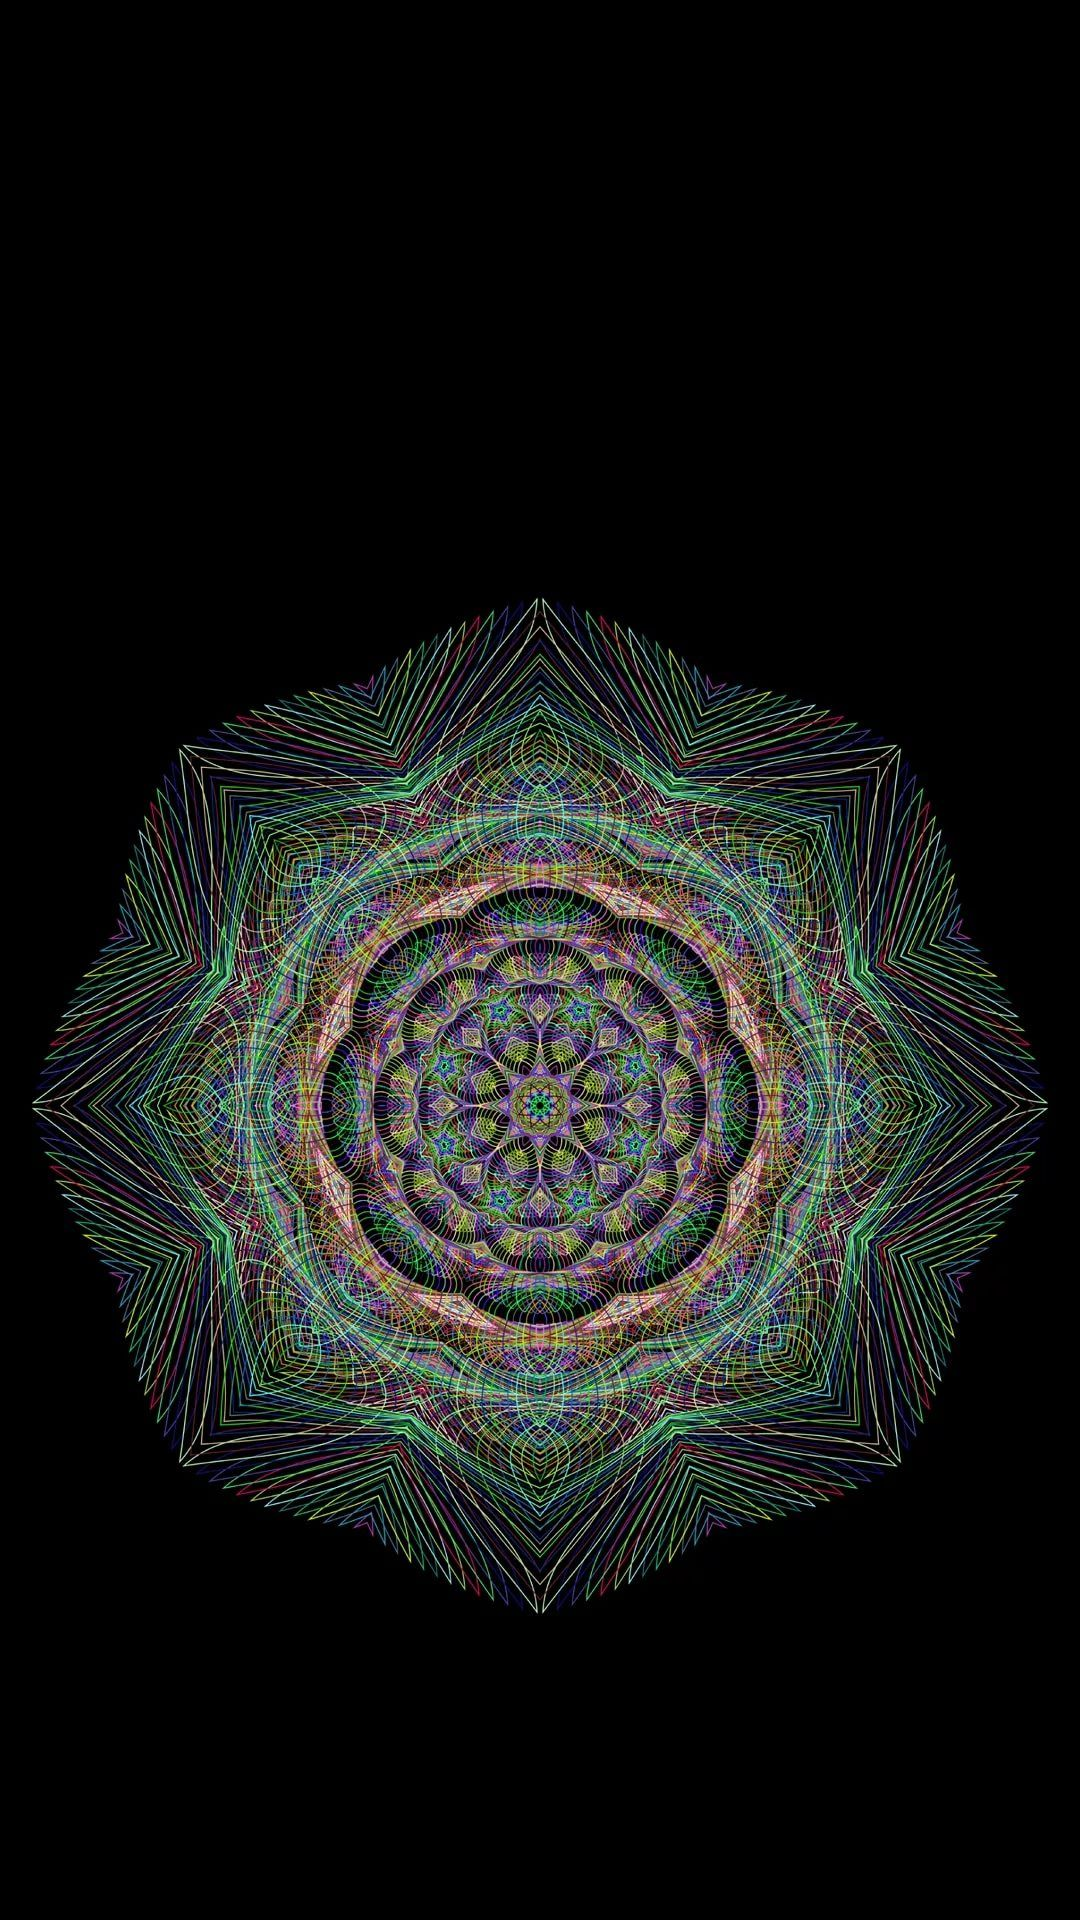 Mandala iPhone hd wallpaper